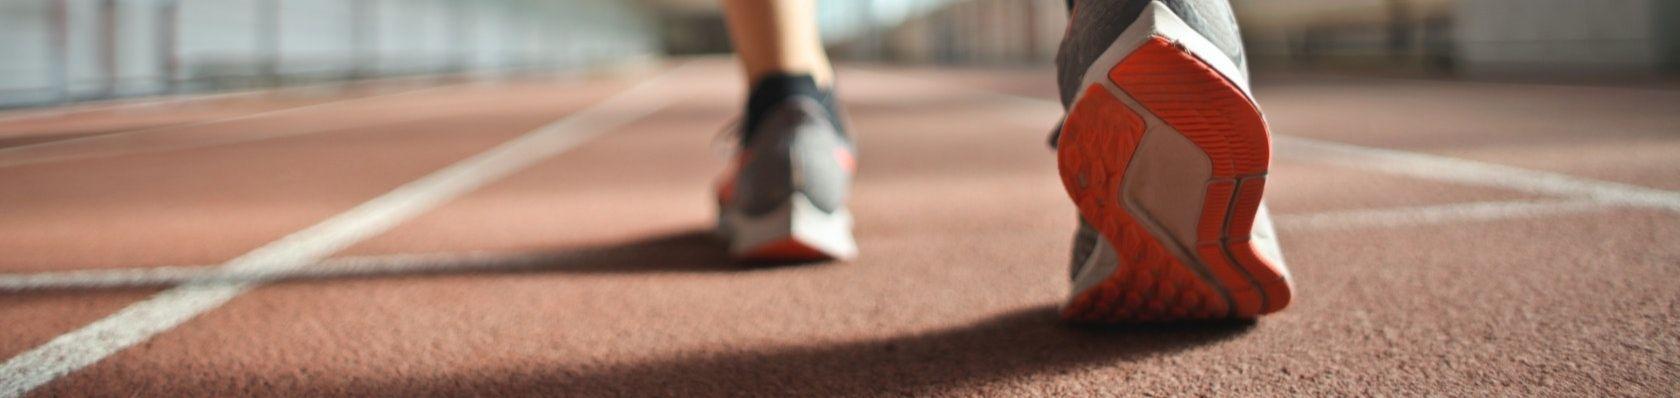 Sepatu Lari im Test auf ExpertenTesten.de